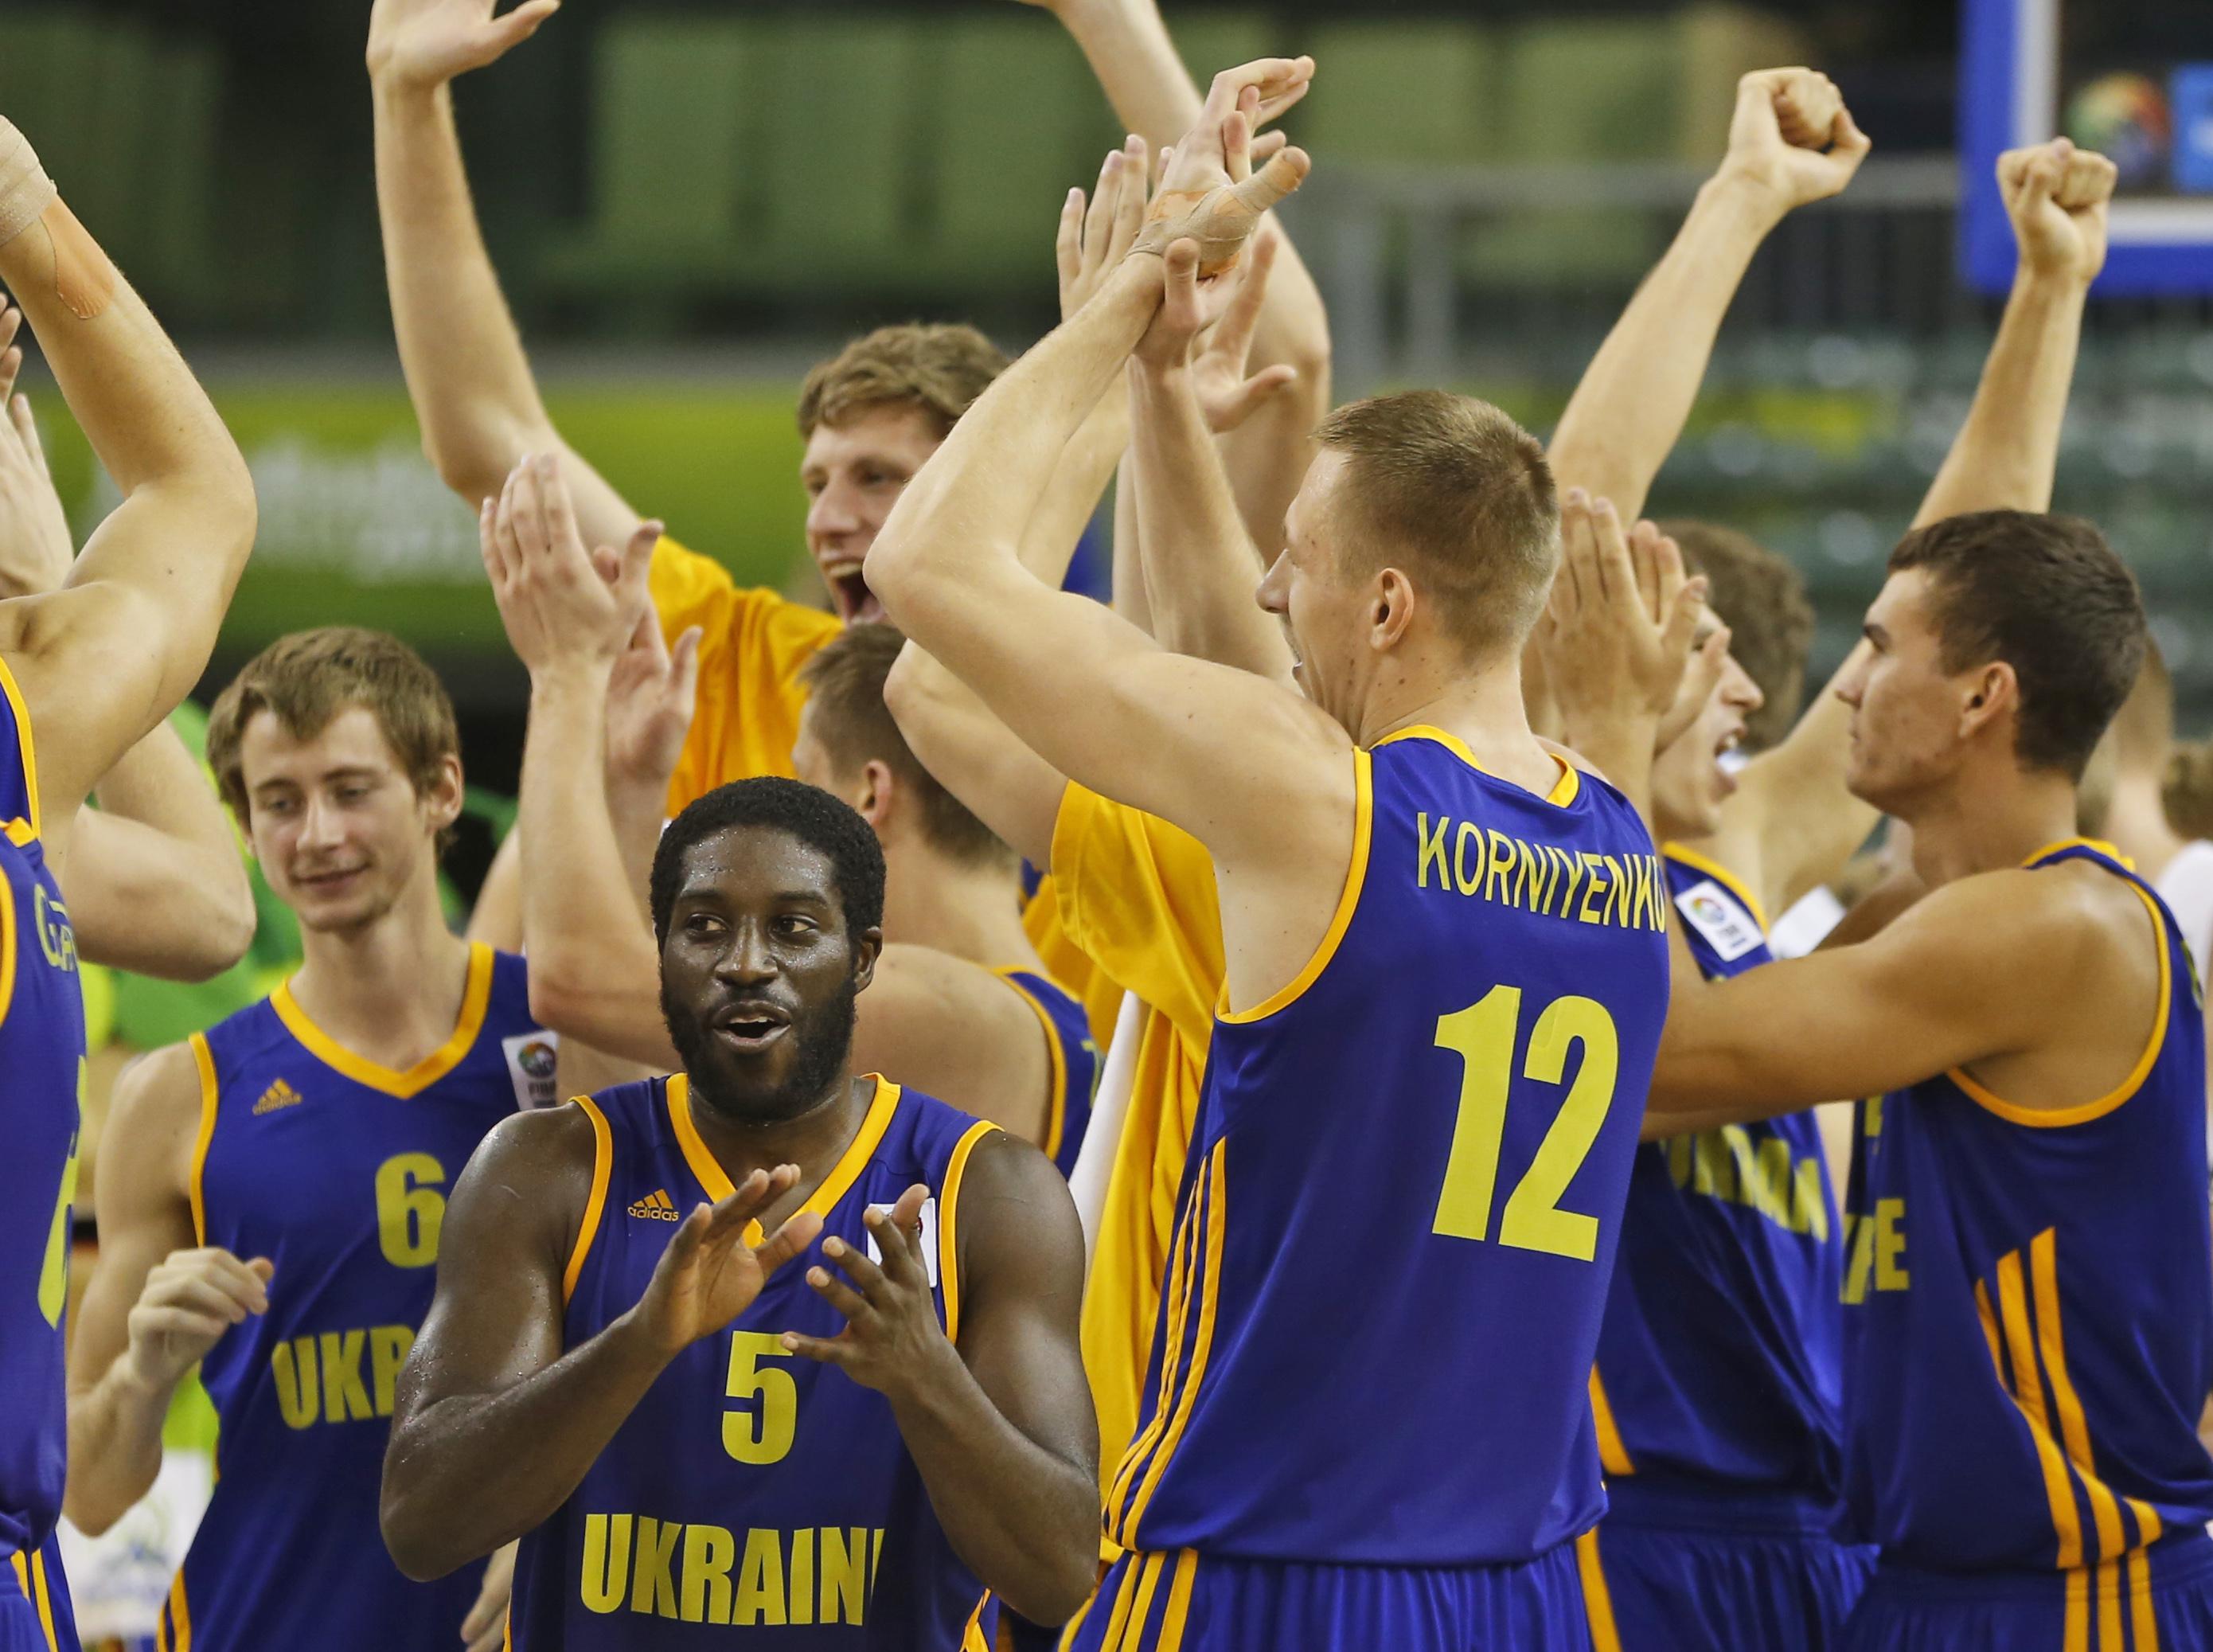 Сборная Украины по баскетболу впервые в карьере сыграет на чемпионате мира